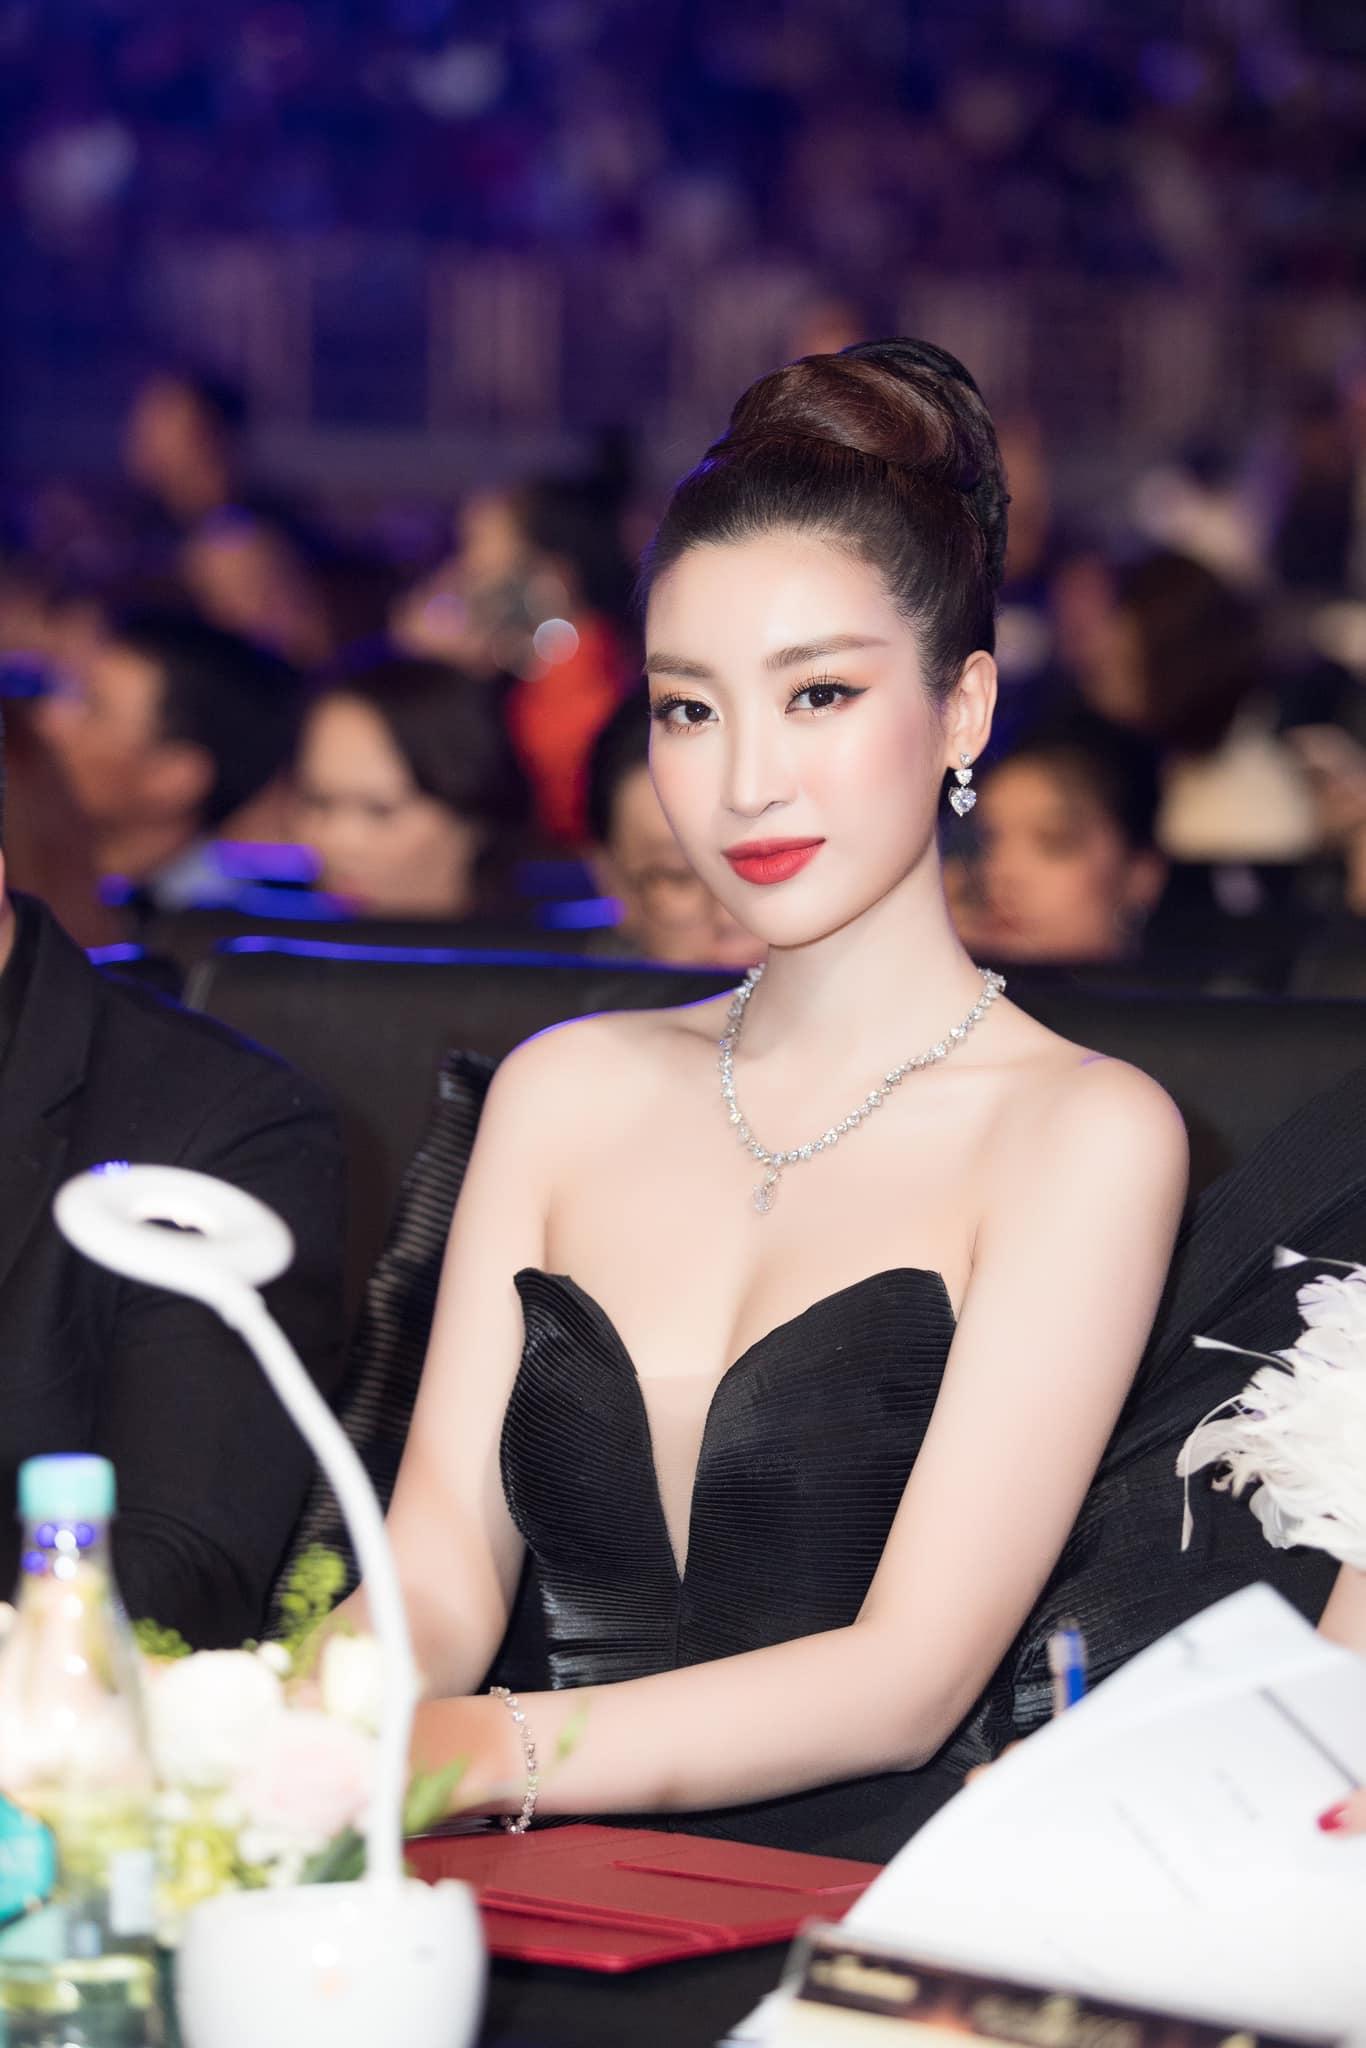 """Mặc váy hoành tráng trên sóng truyền hình, Đỗ Mỹ Linh sợ bị """"ghét"""" - 1"""